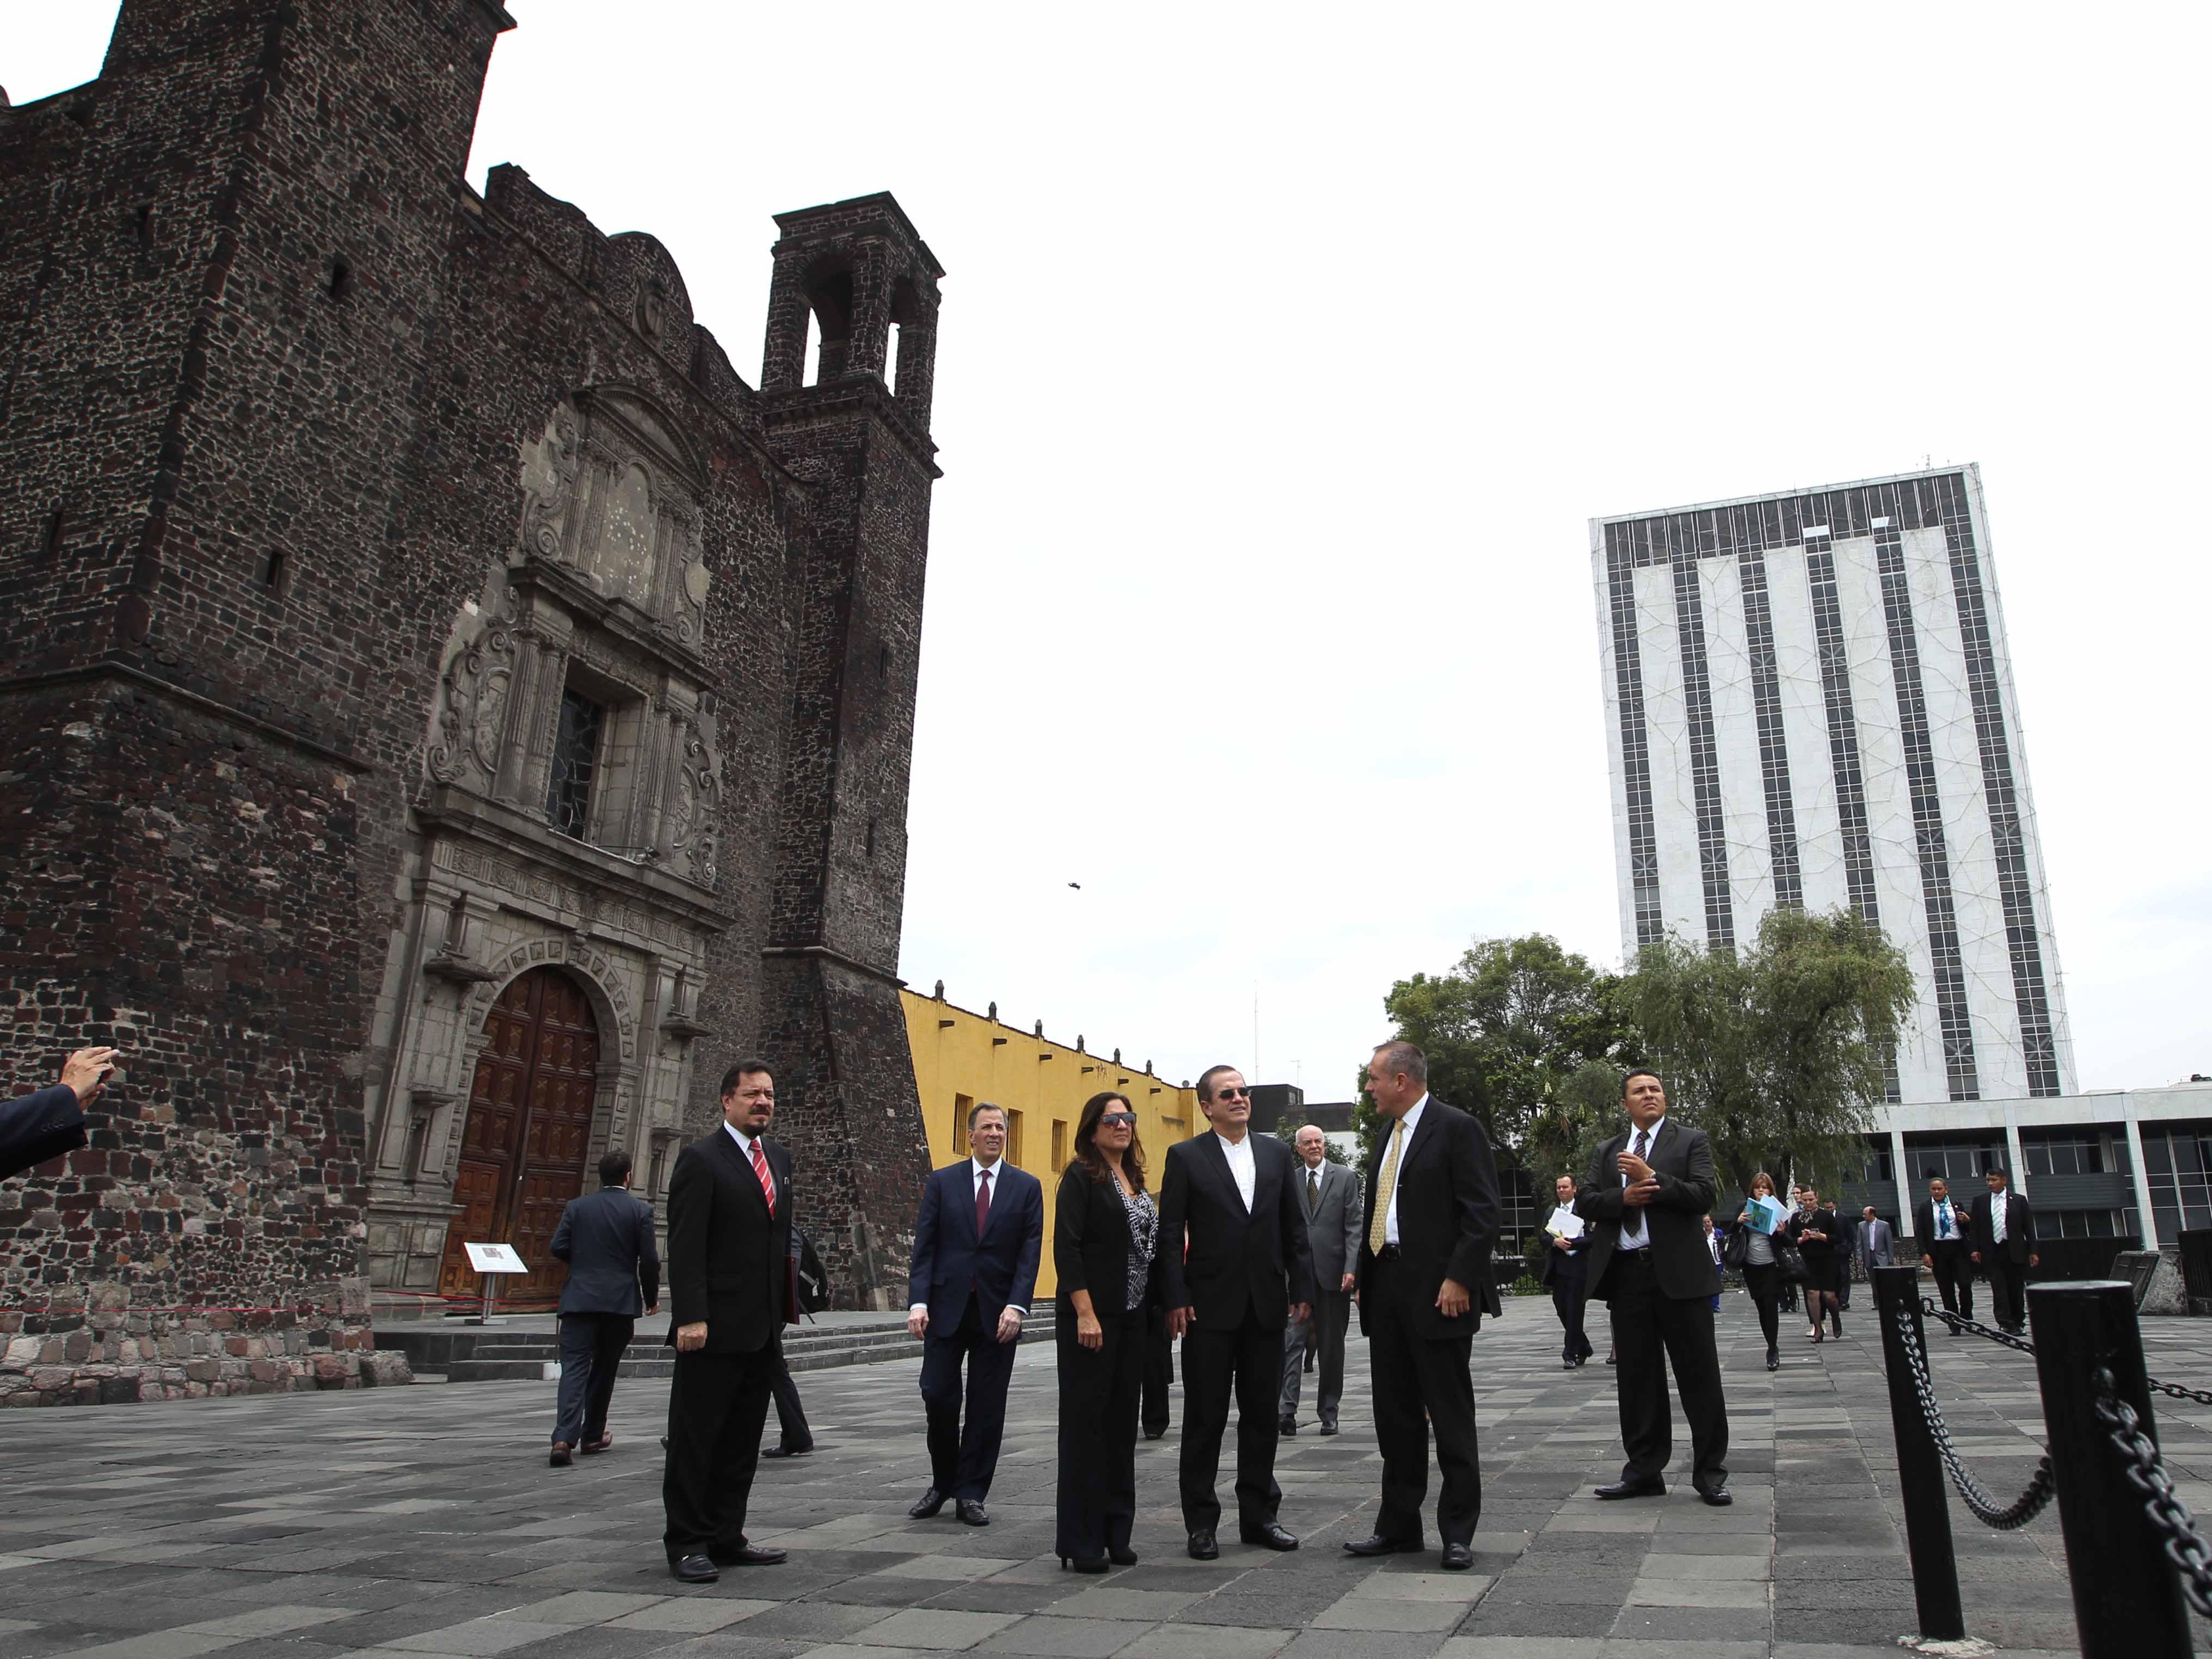 FOTO 3 Canciller Jos  Antonio Meade y su hom logo de Ecuador  Ricardo Pati o Aroca  jpg